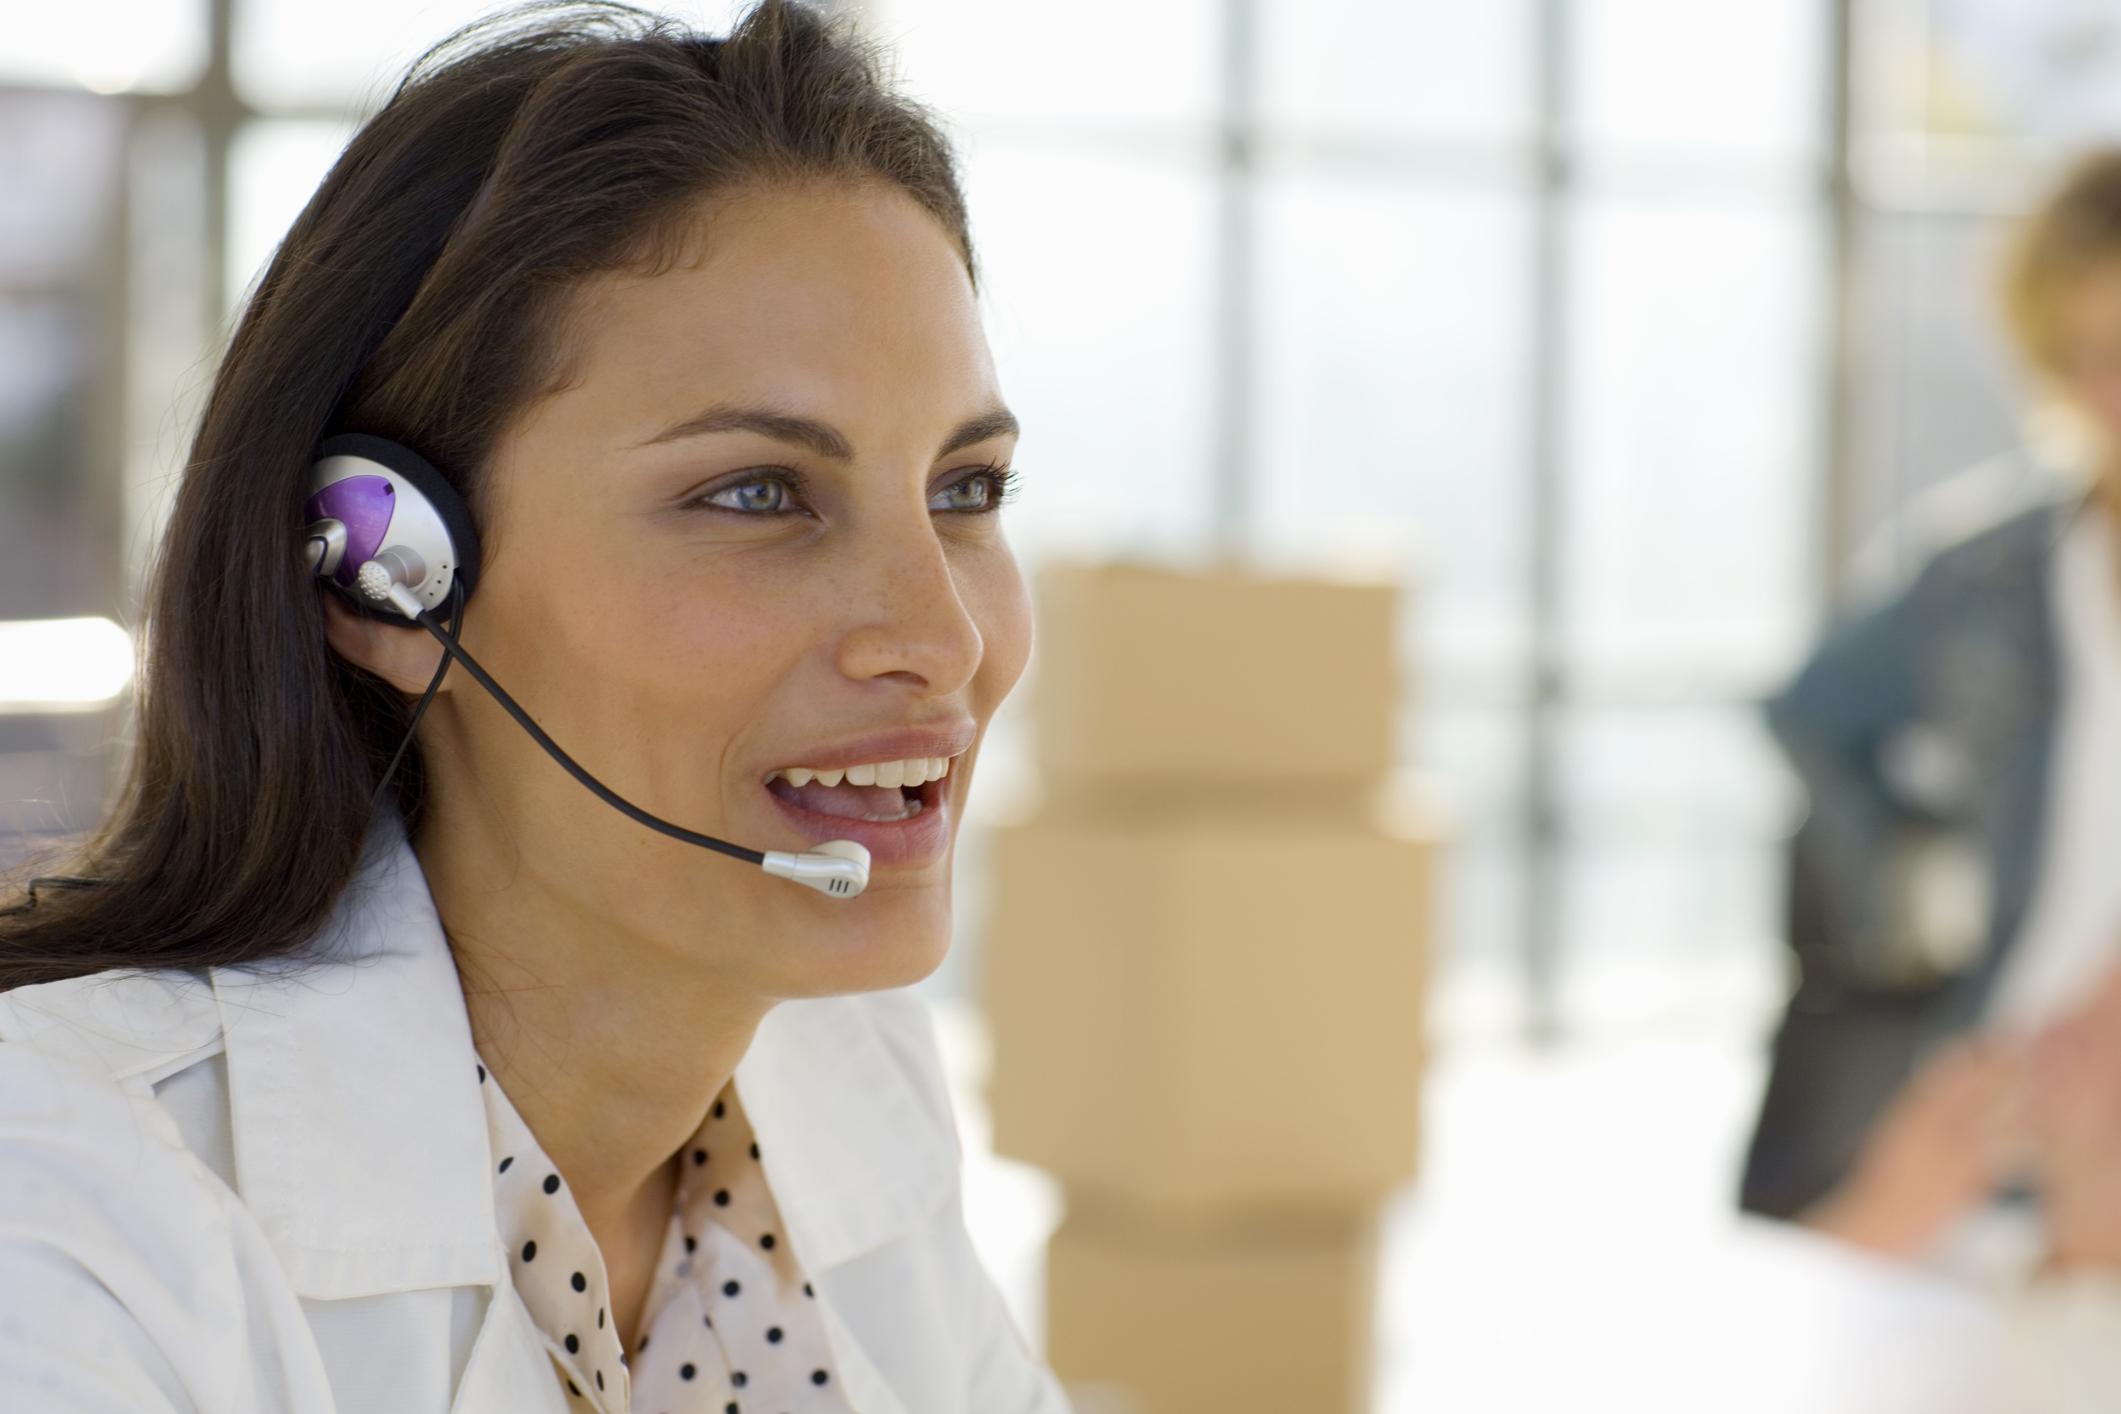 How to Block Unwanted Phone Calls on Nortel Phones | Bizfluent